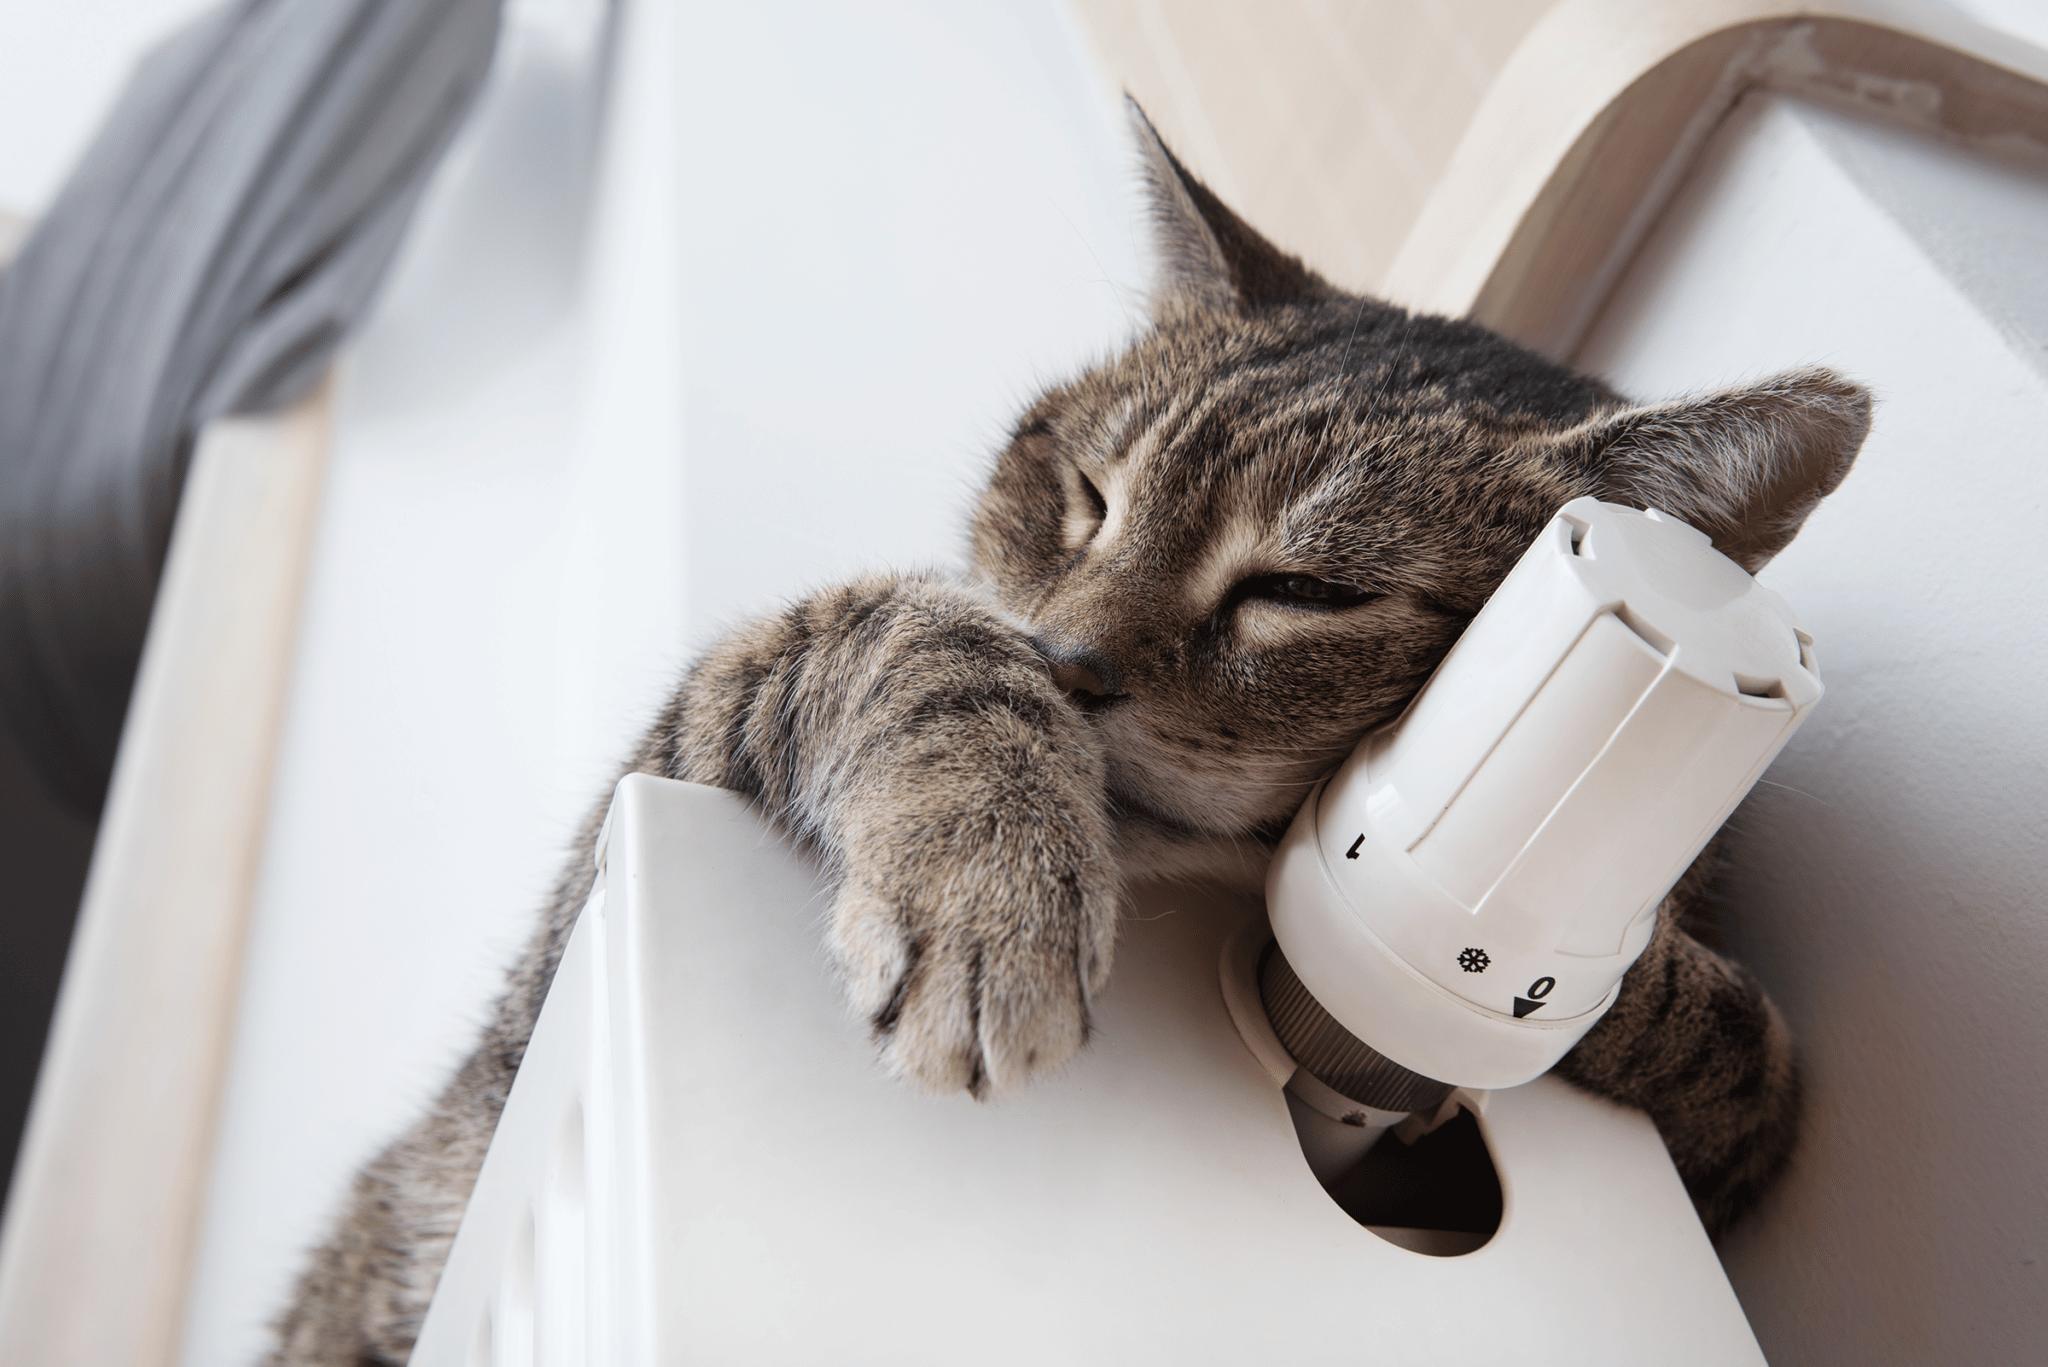 Katze liegend auf der Heizung